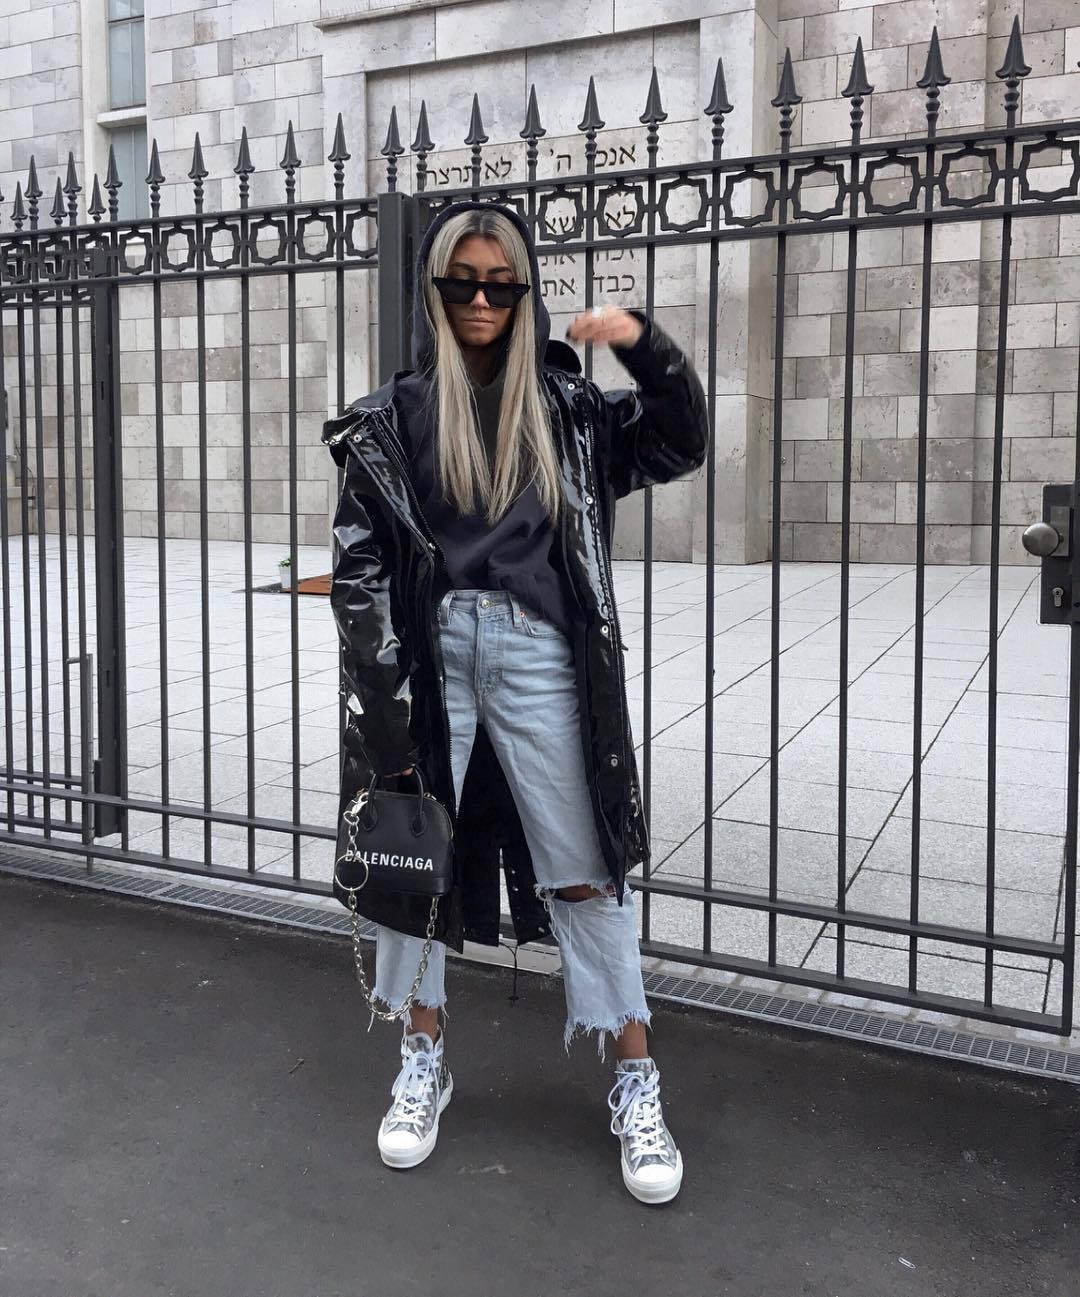 bag shoulder bag sneakers cropped jeans boyfriend jeans vinyl black coat black bag black hoodie black sunglasses